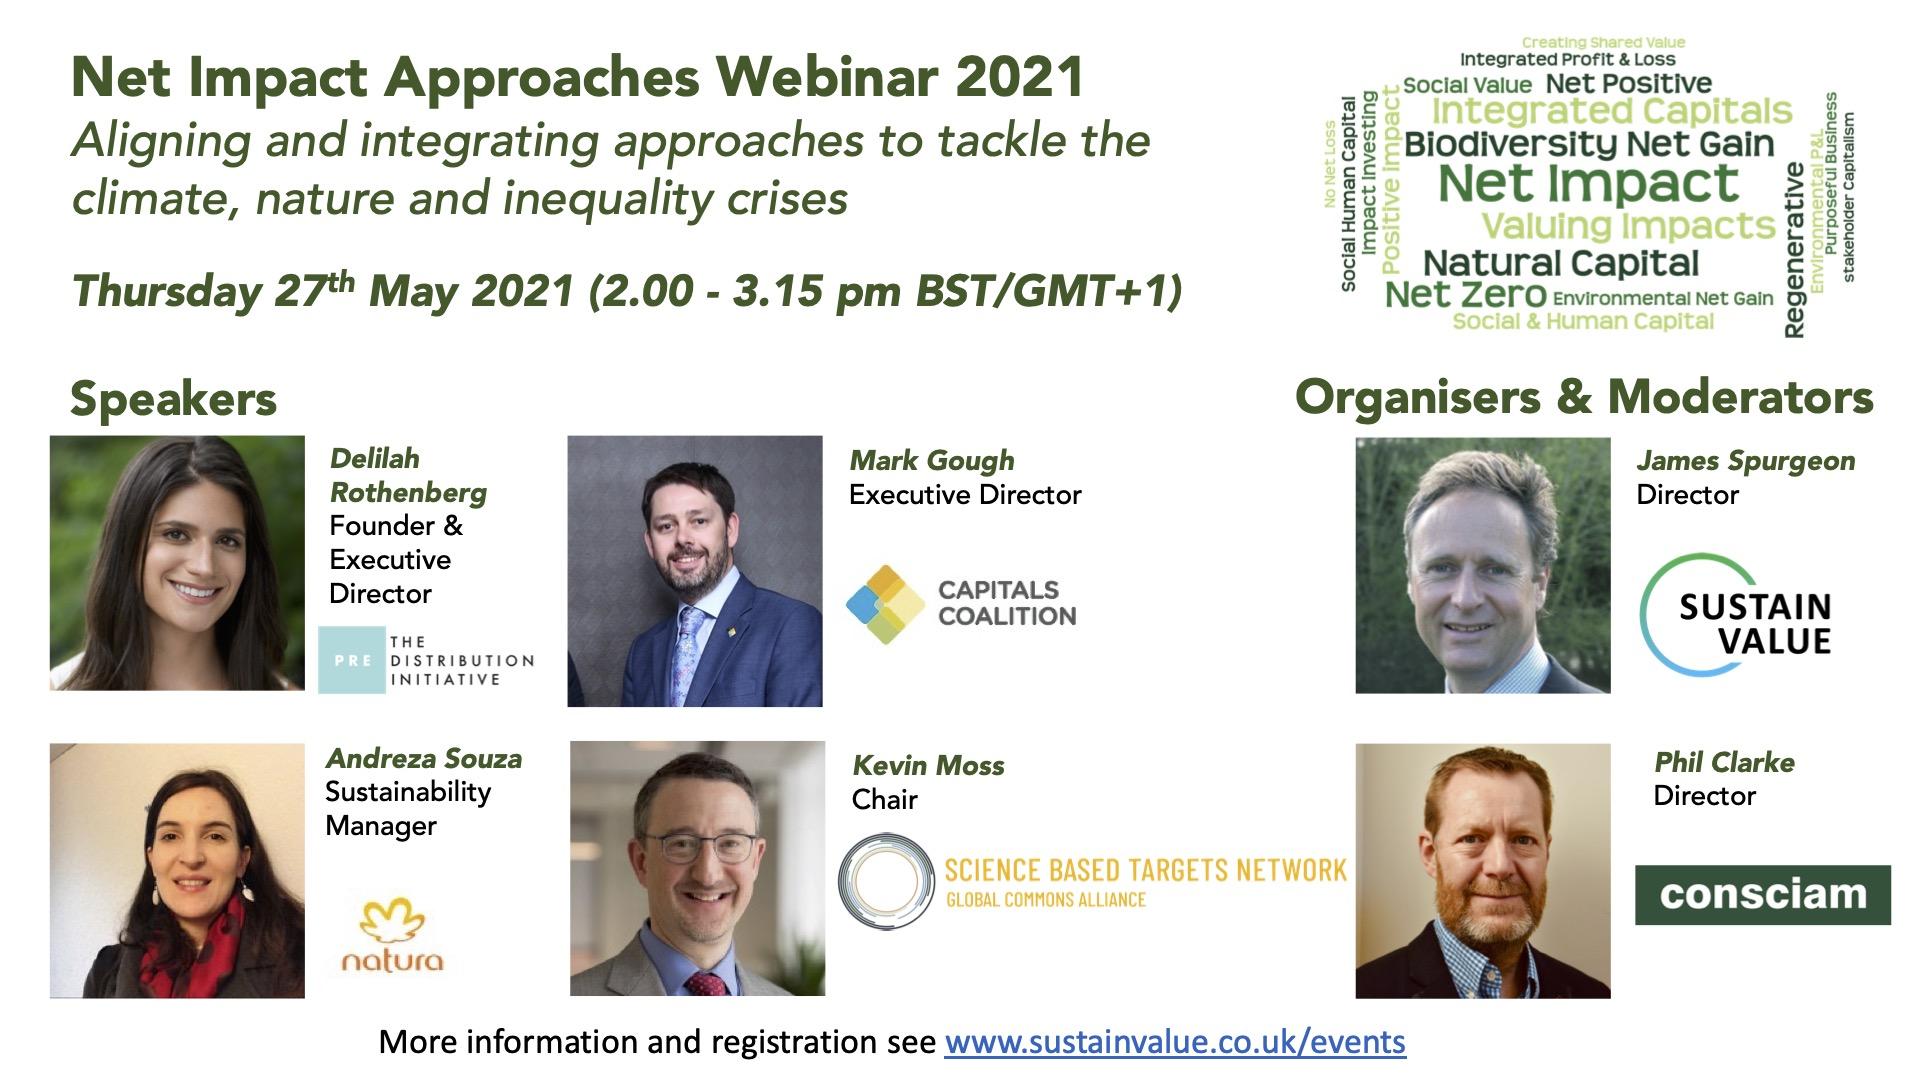 NIA-2021-Webinar-event-image